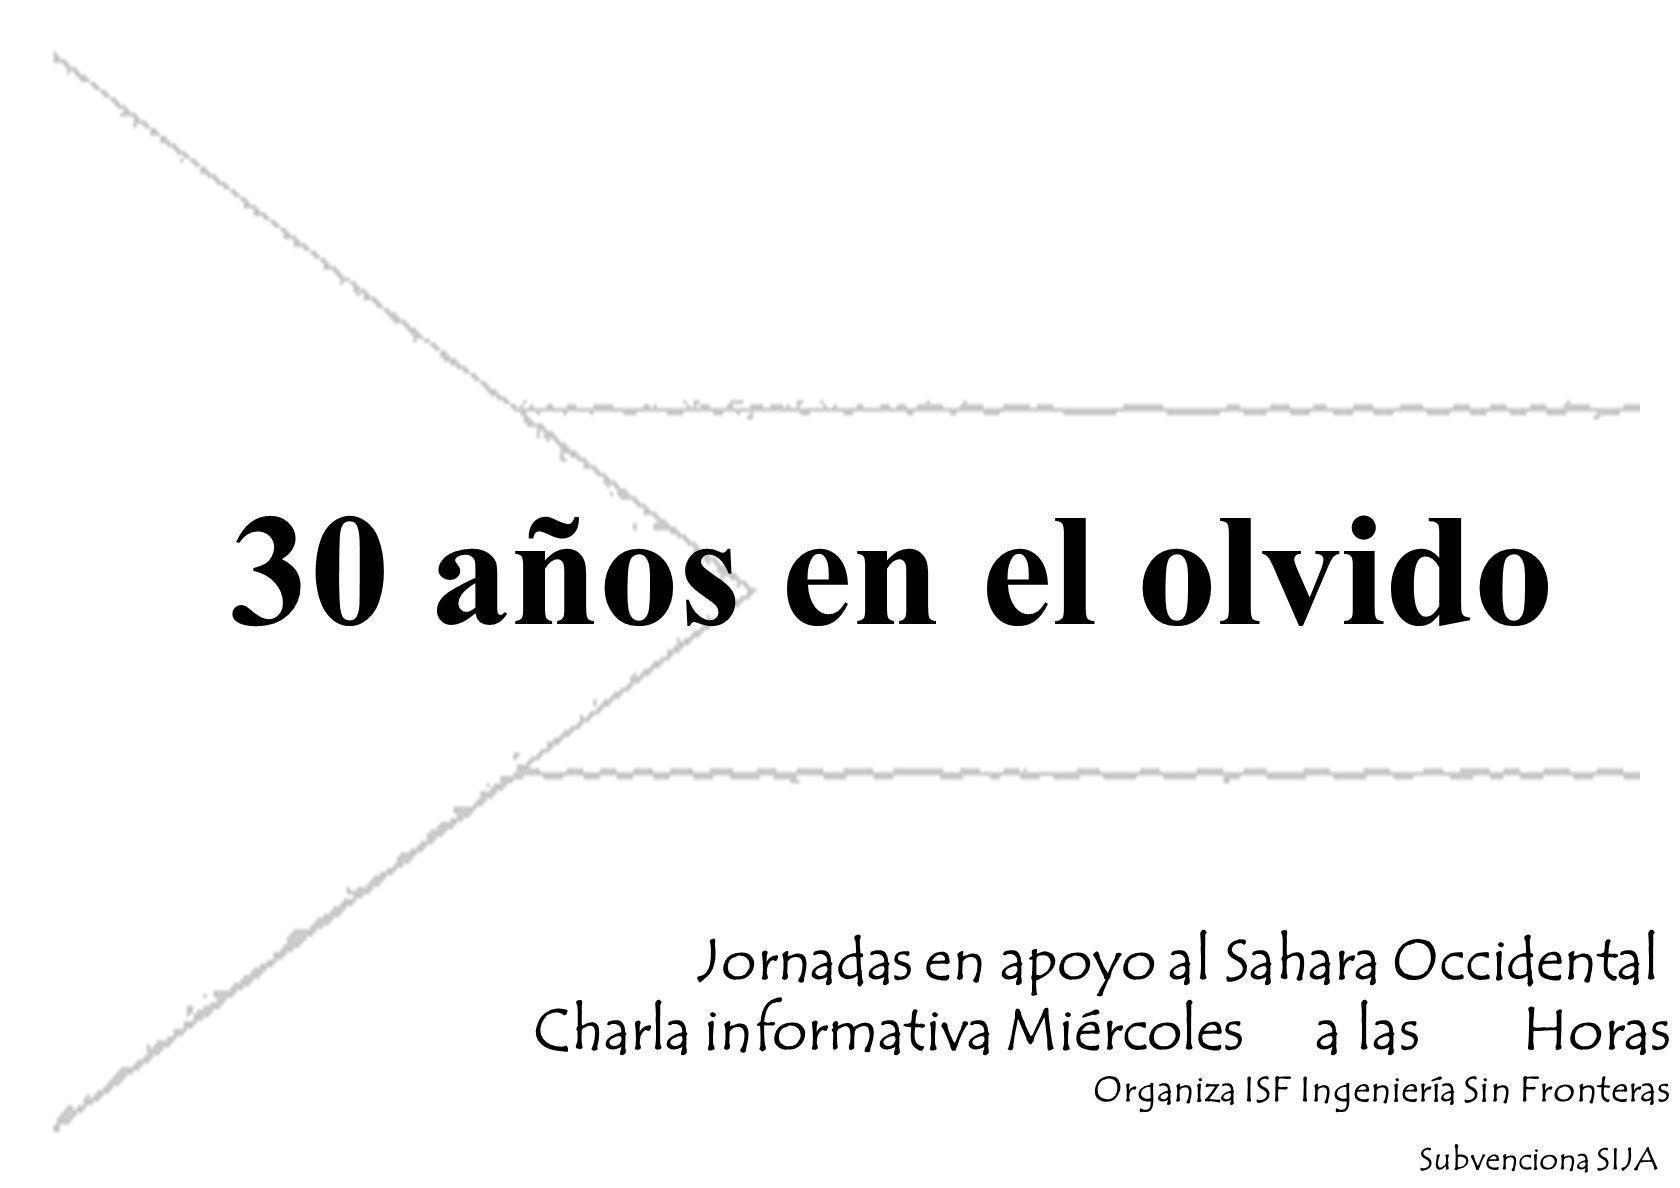 30 años en el olvido Jornadas en apoyo al Sahara Occidental Charla informativa Miércoles a las Horas Organiza ISF Ingeniería Sin Fronteras Subvenciona SIJA